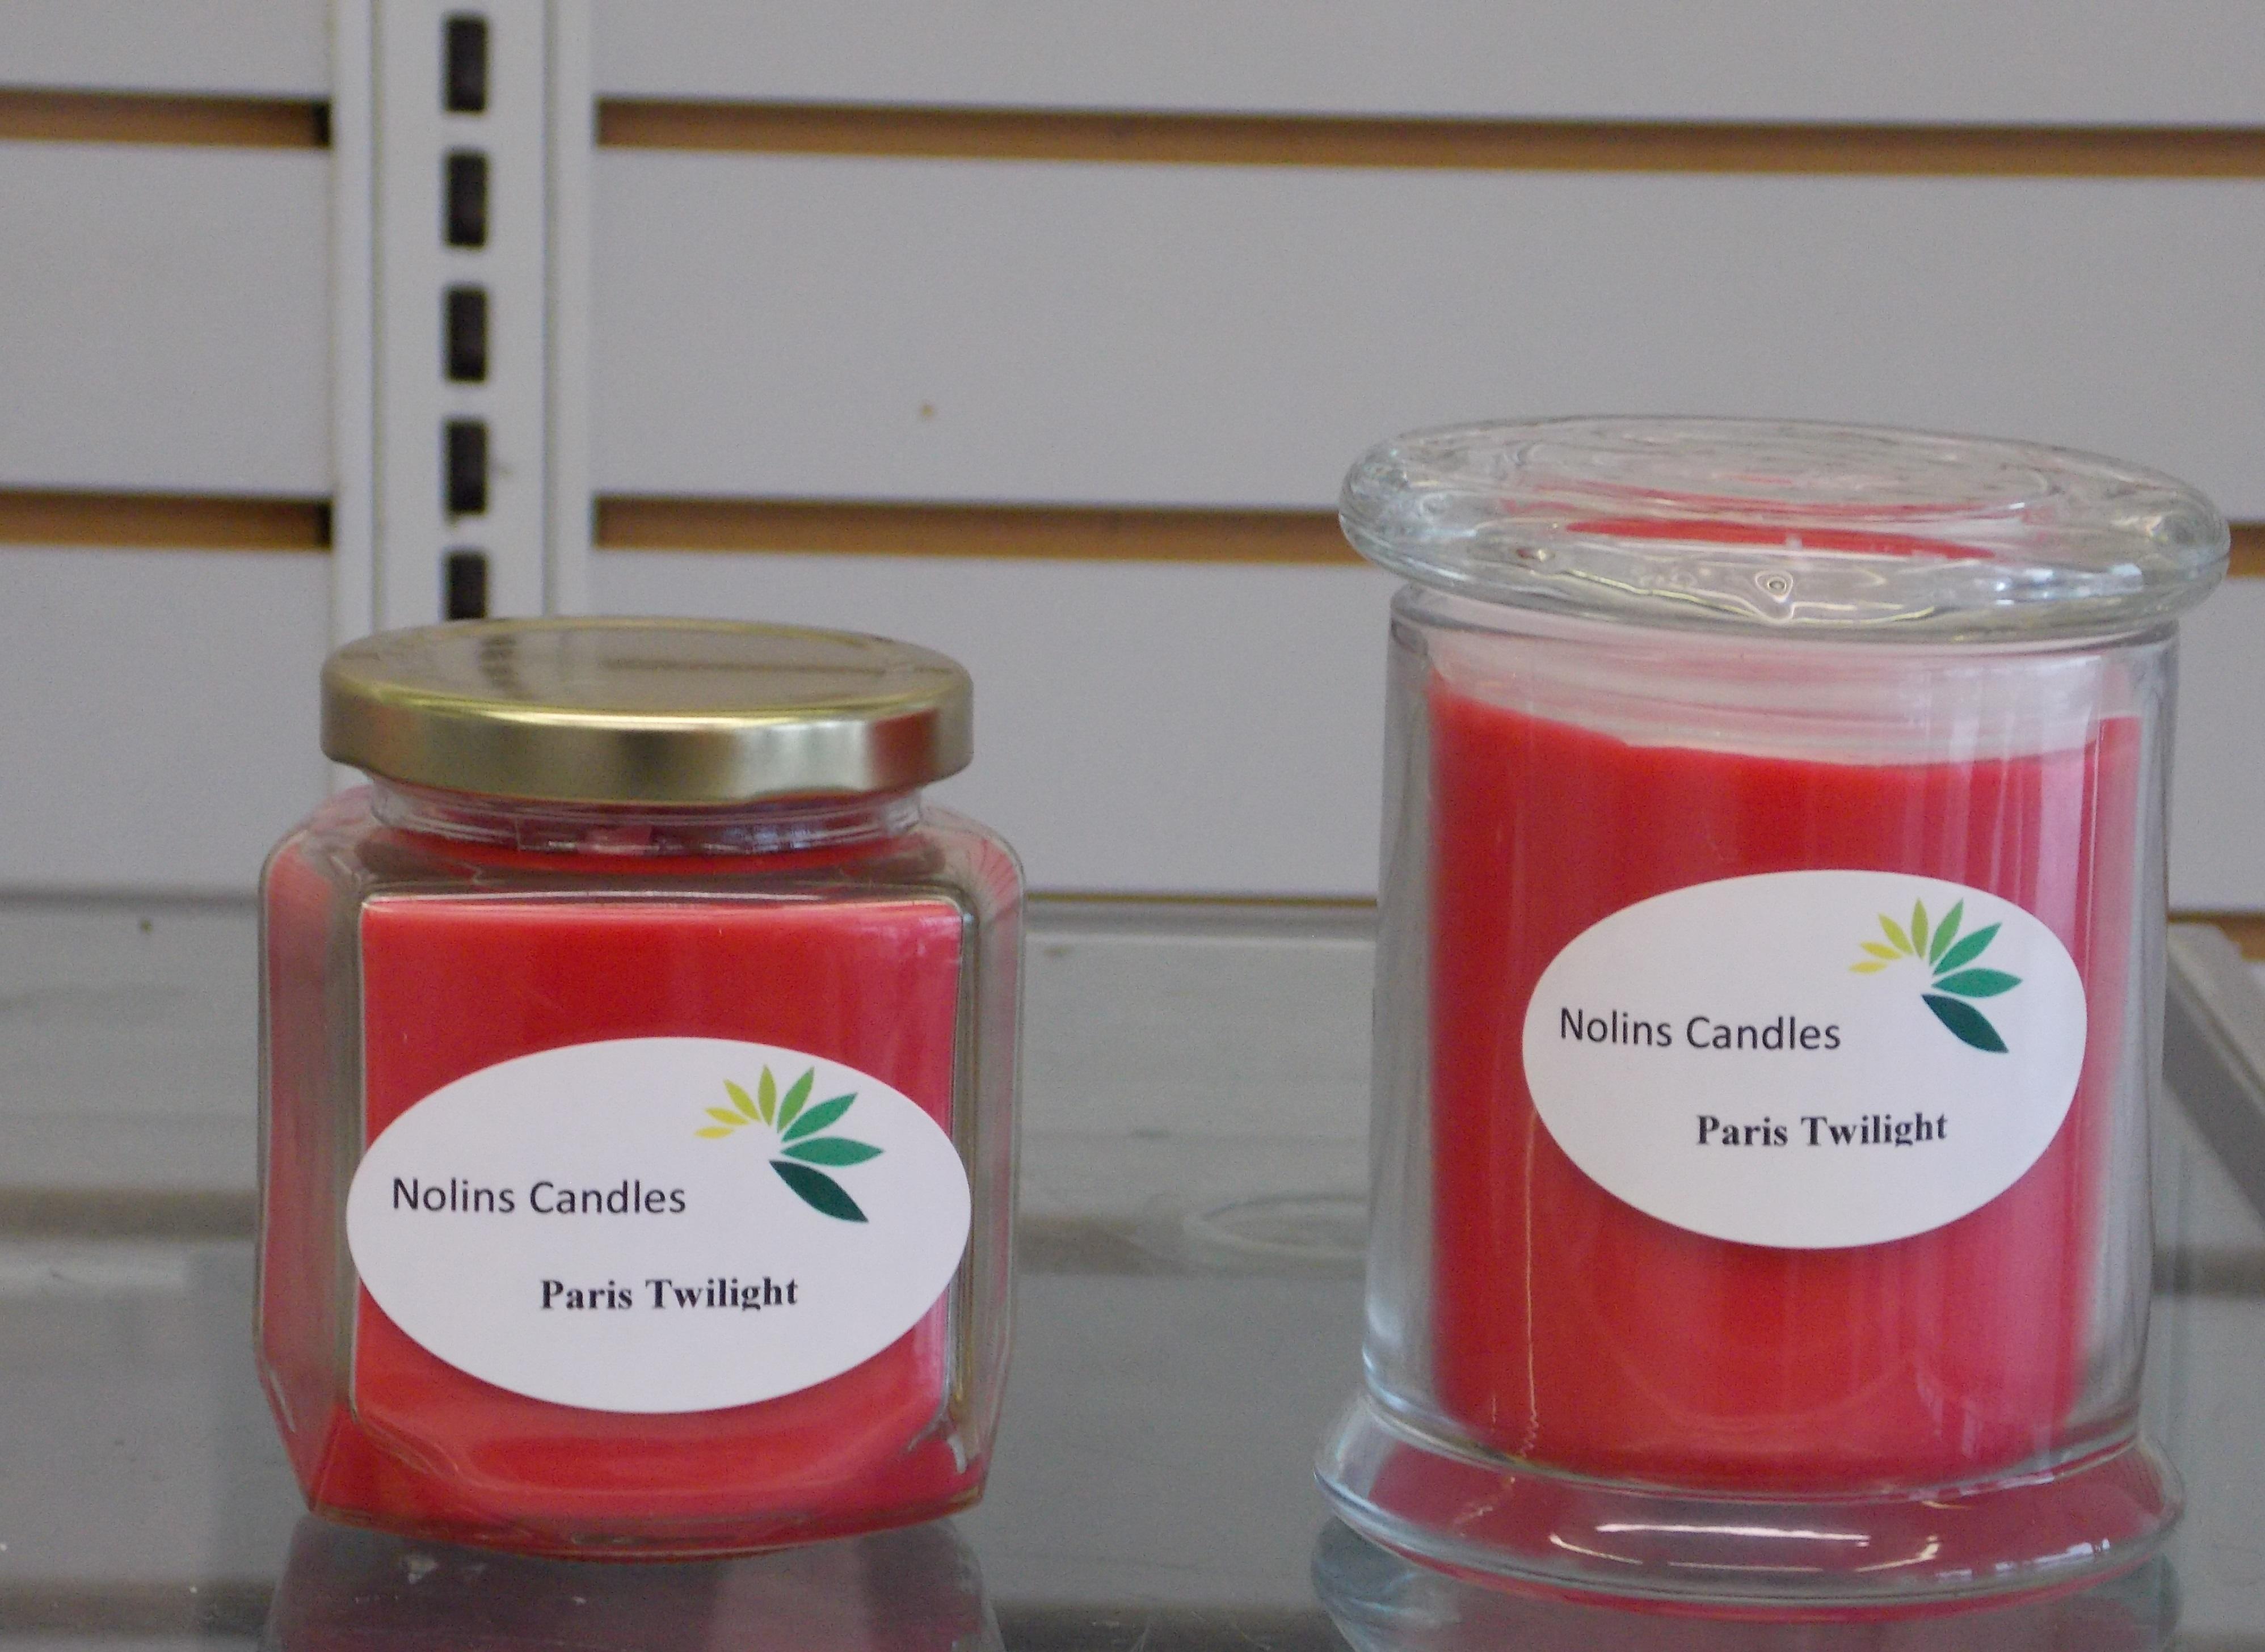 Nolins Candles